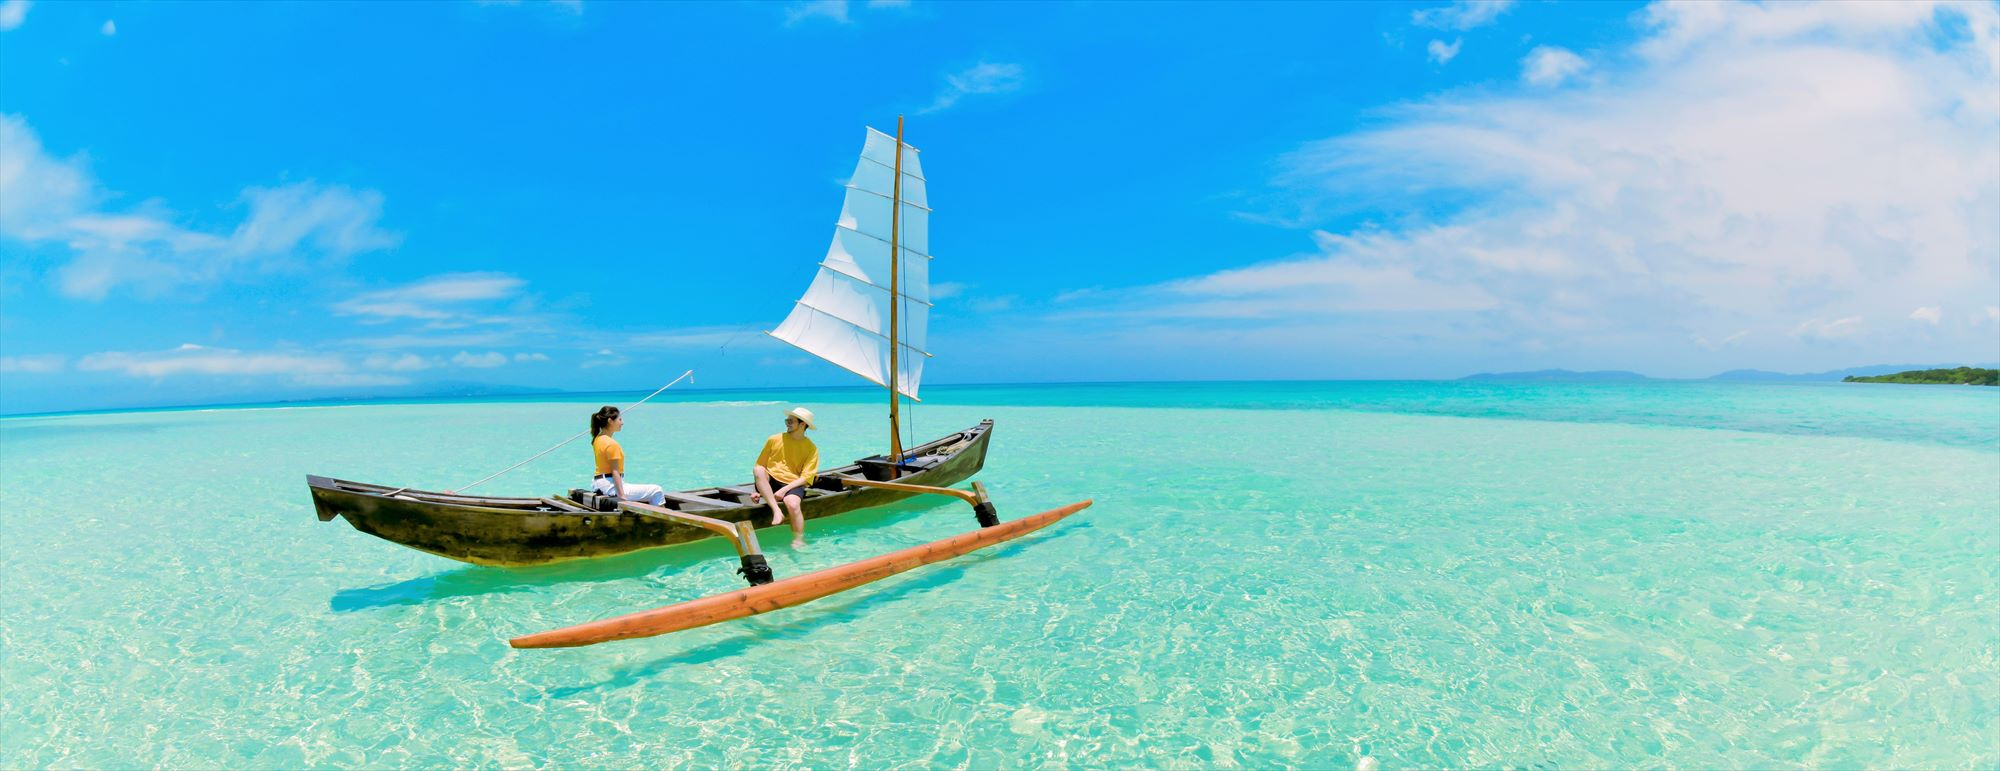 沖縄竹富島フォトウェディング Taketomi Island Okinawa Beach Sabani Boat Photo Wedding 竹富島コンドイ・ビーチ・サバニ舟フォトウェディング